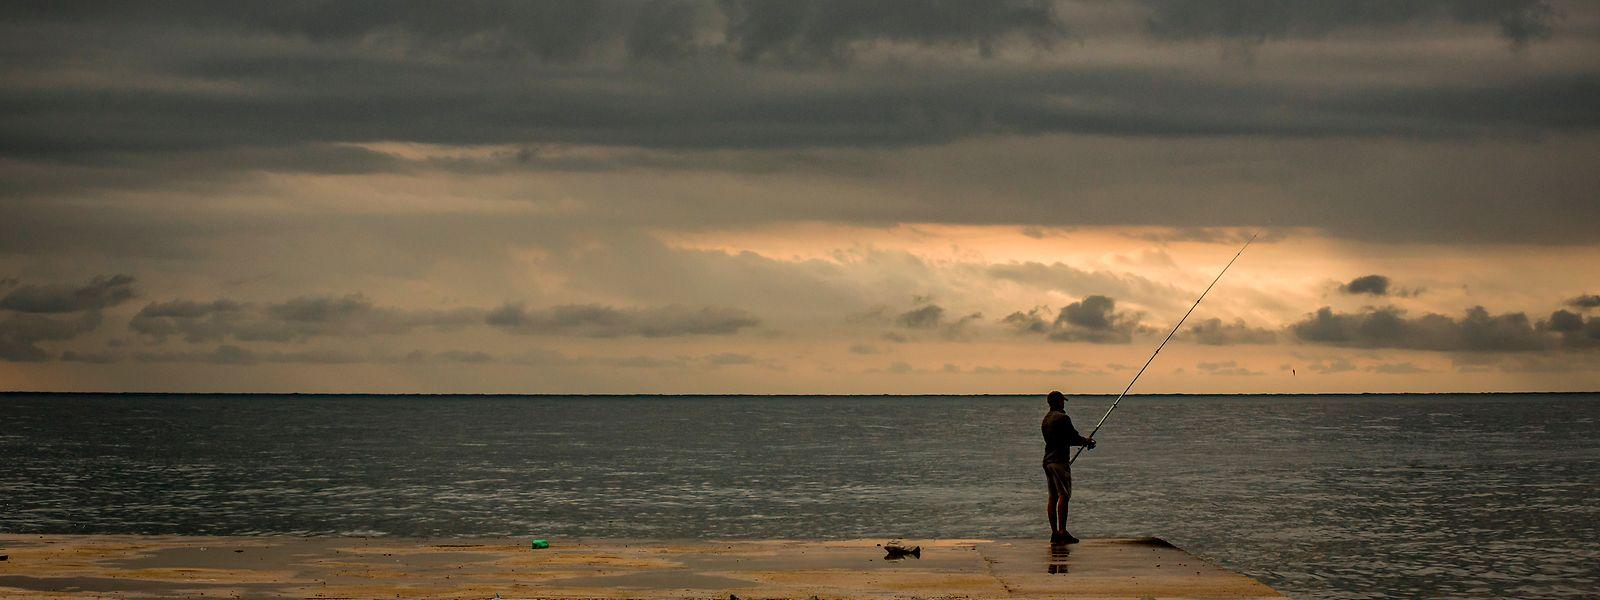 Barcelona: Die Sonne geht nach einer stürmischen Nacht am Horizont auf, während ein Mann seine Angel in der Mole von La Barceloneta auswirft.